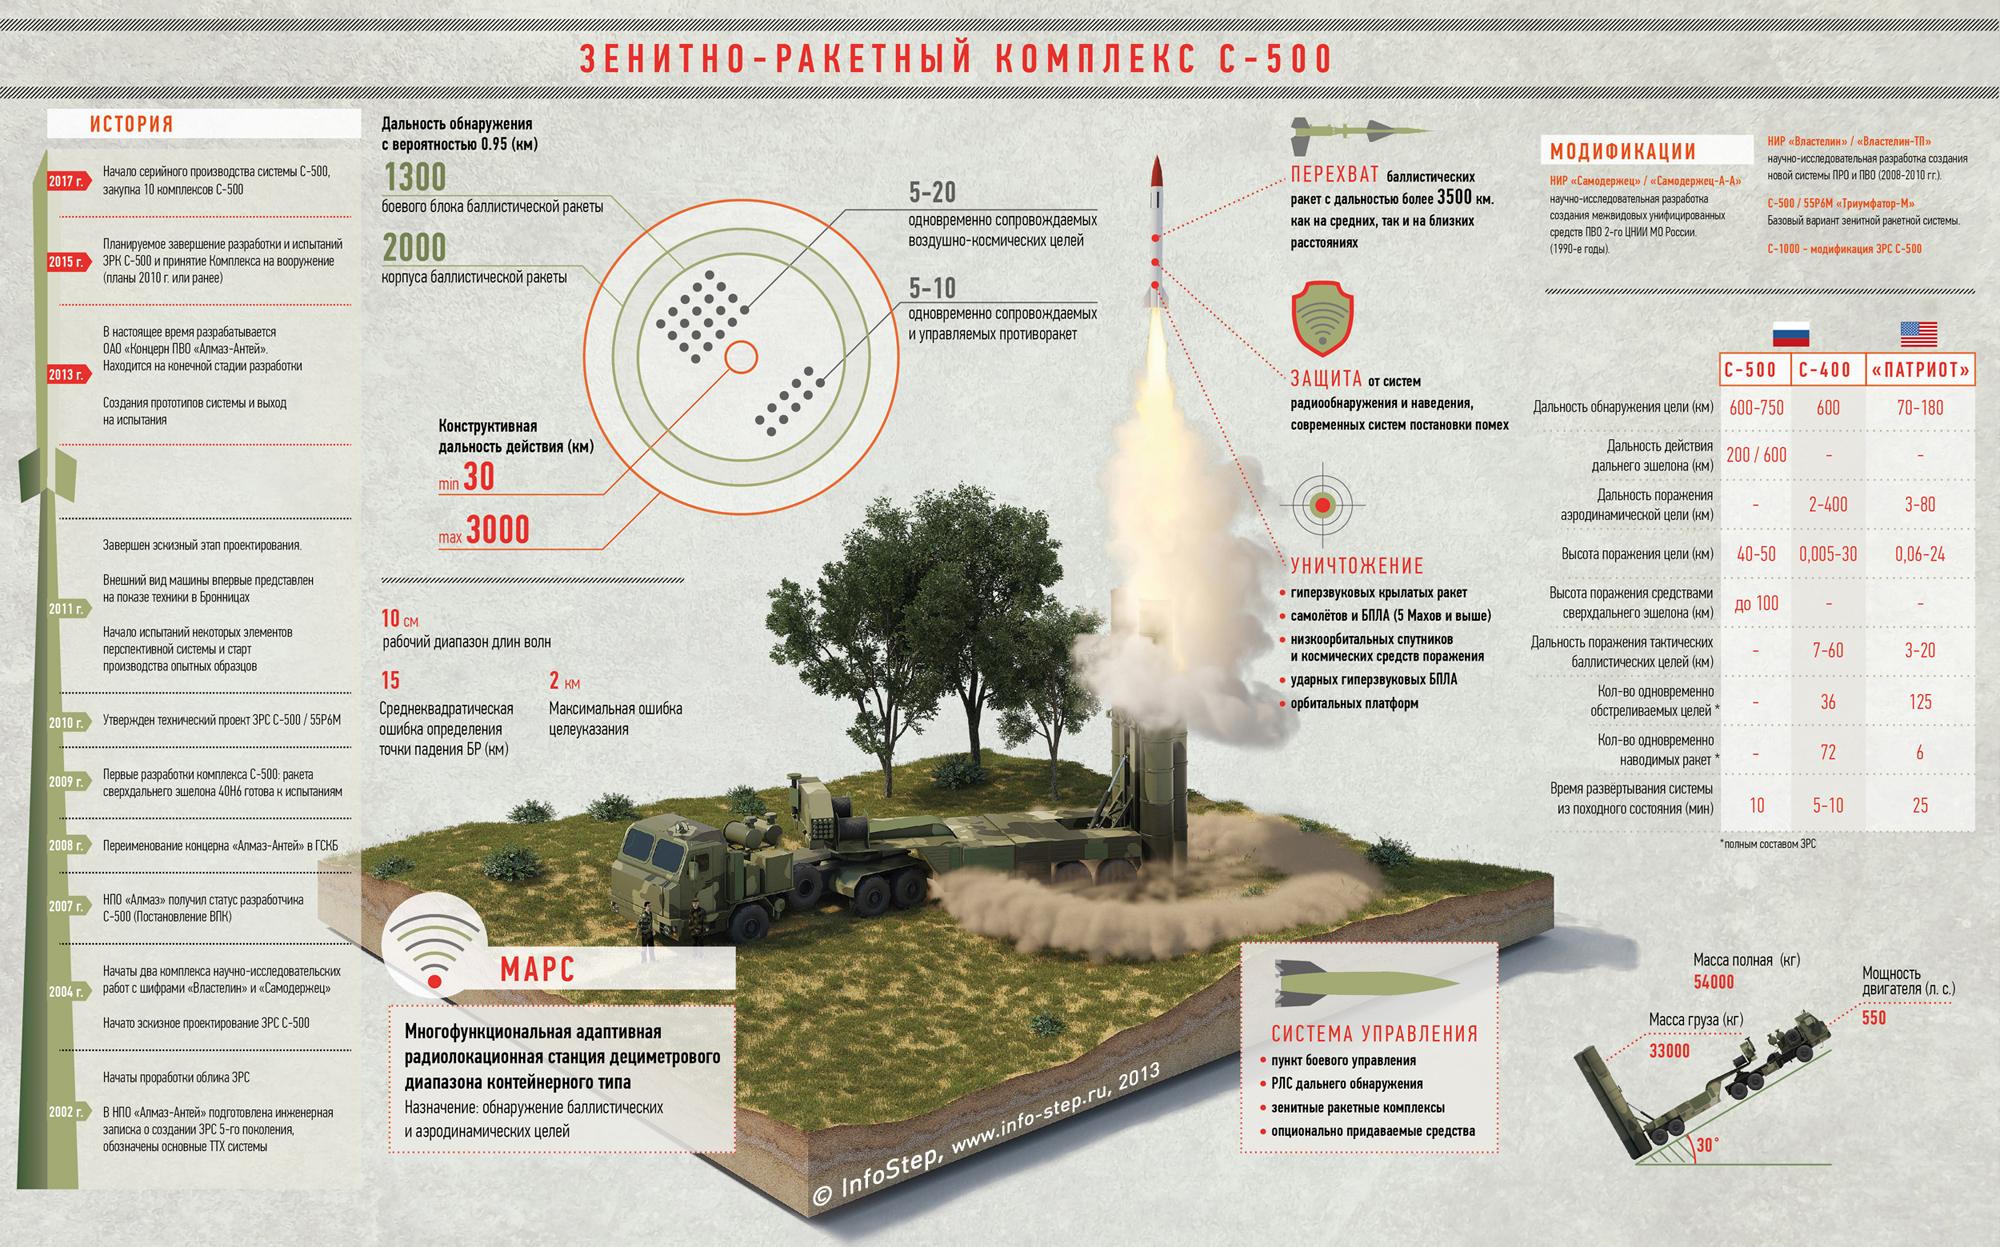 с 500 ракетный комплекс википедия